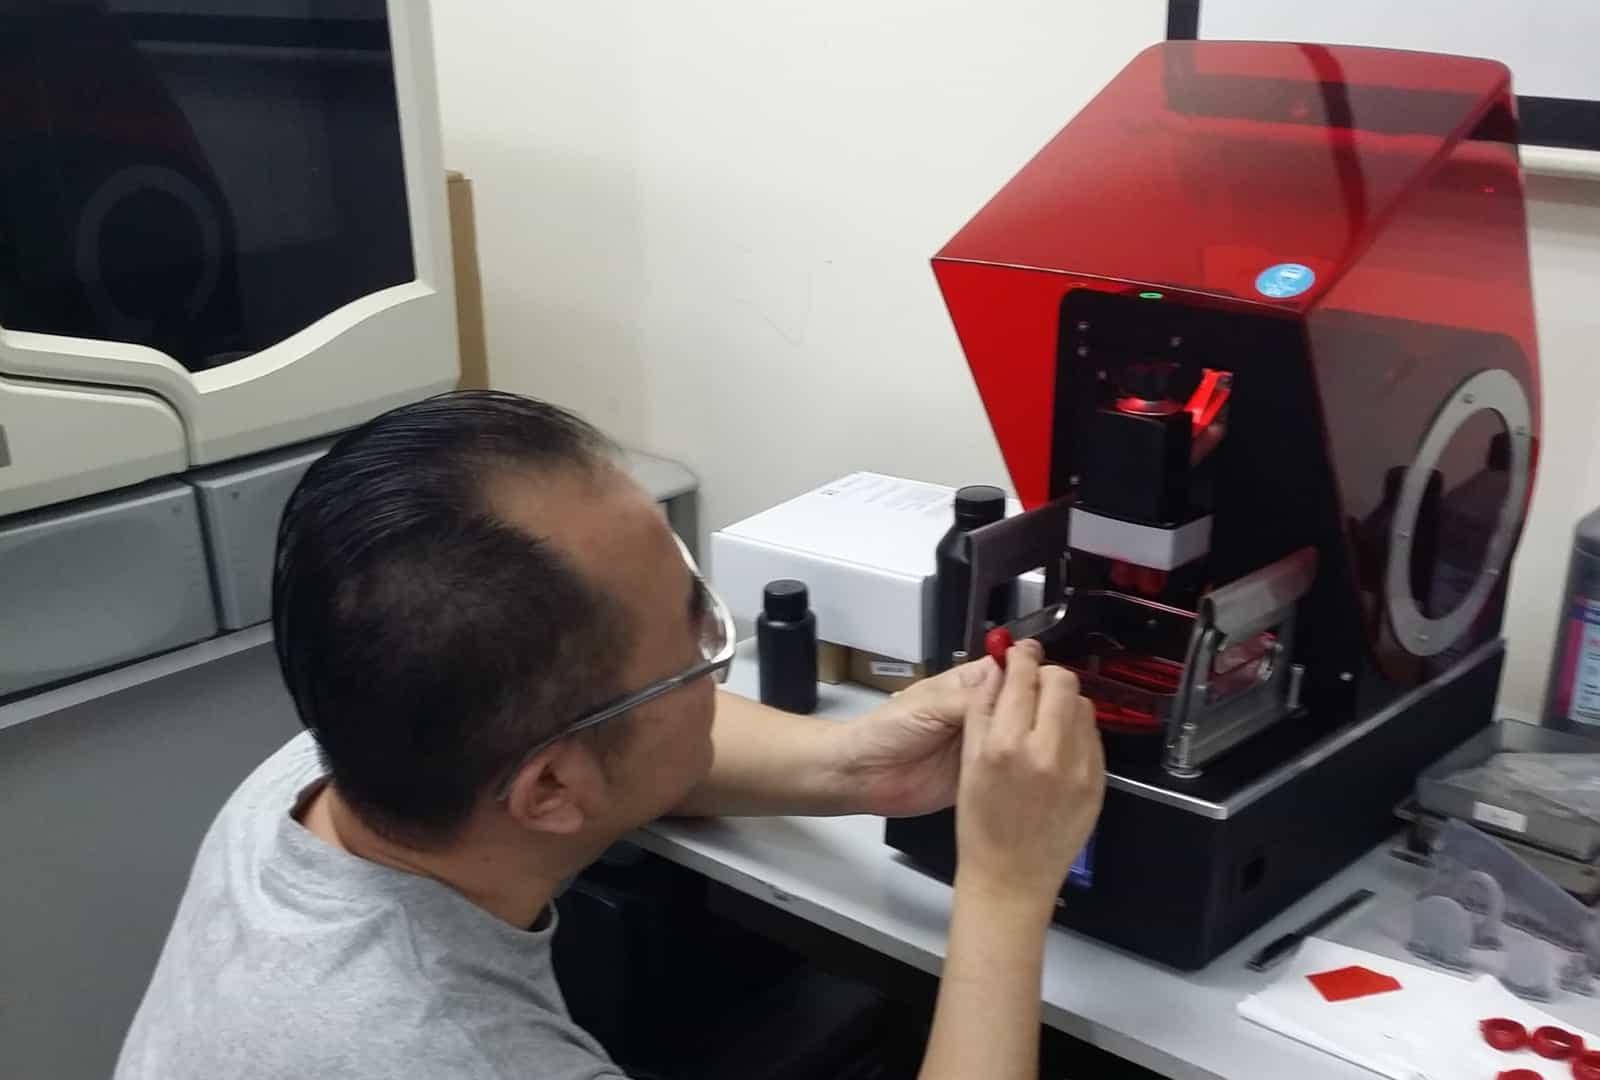 首飾 3D 打印取代「人手工」 專訪創辦人盧志昂